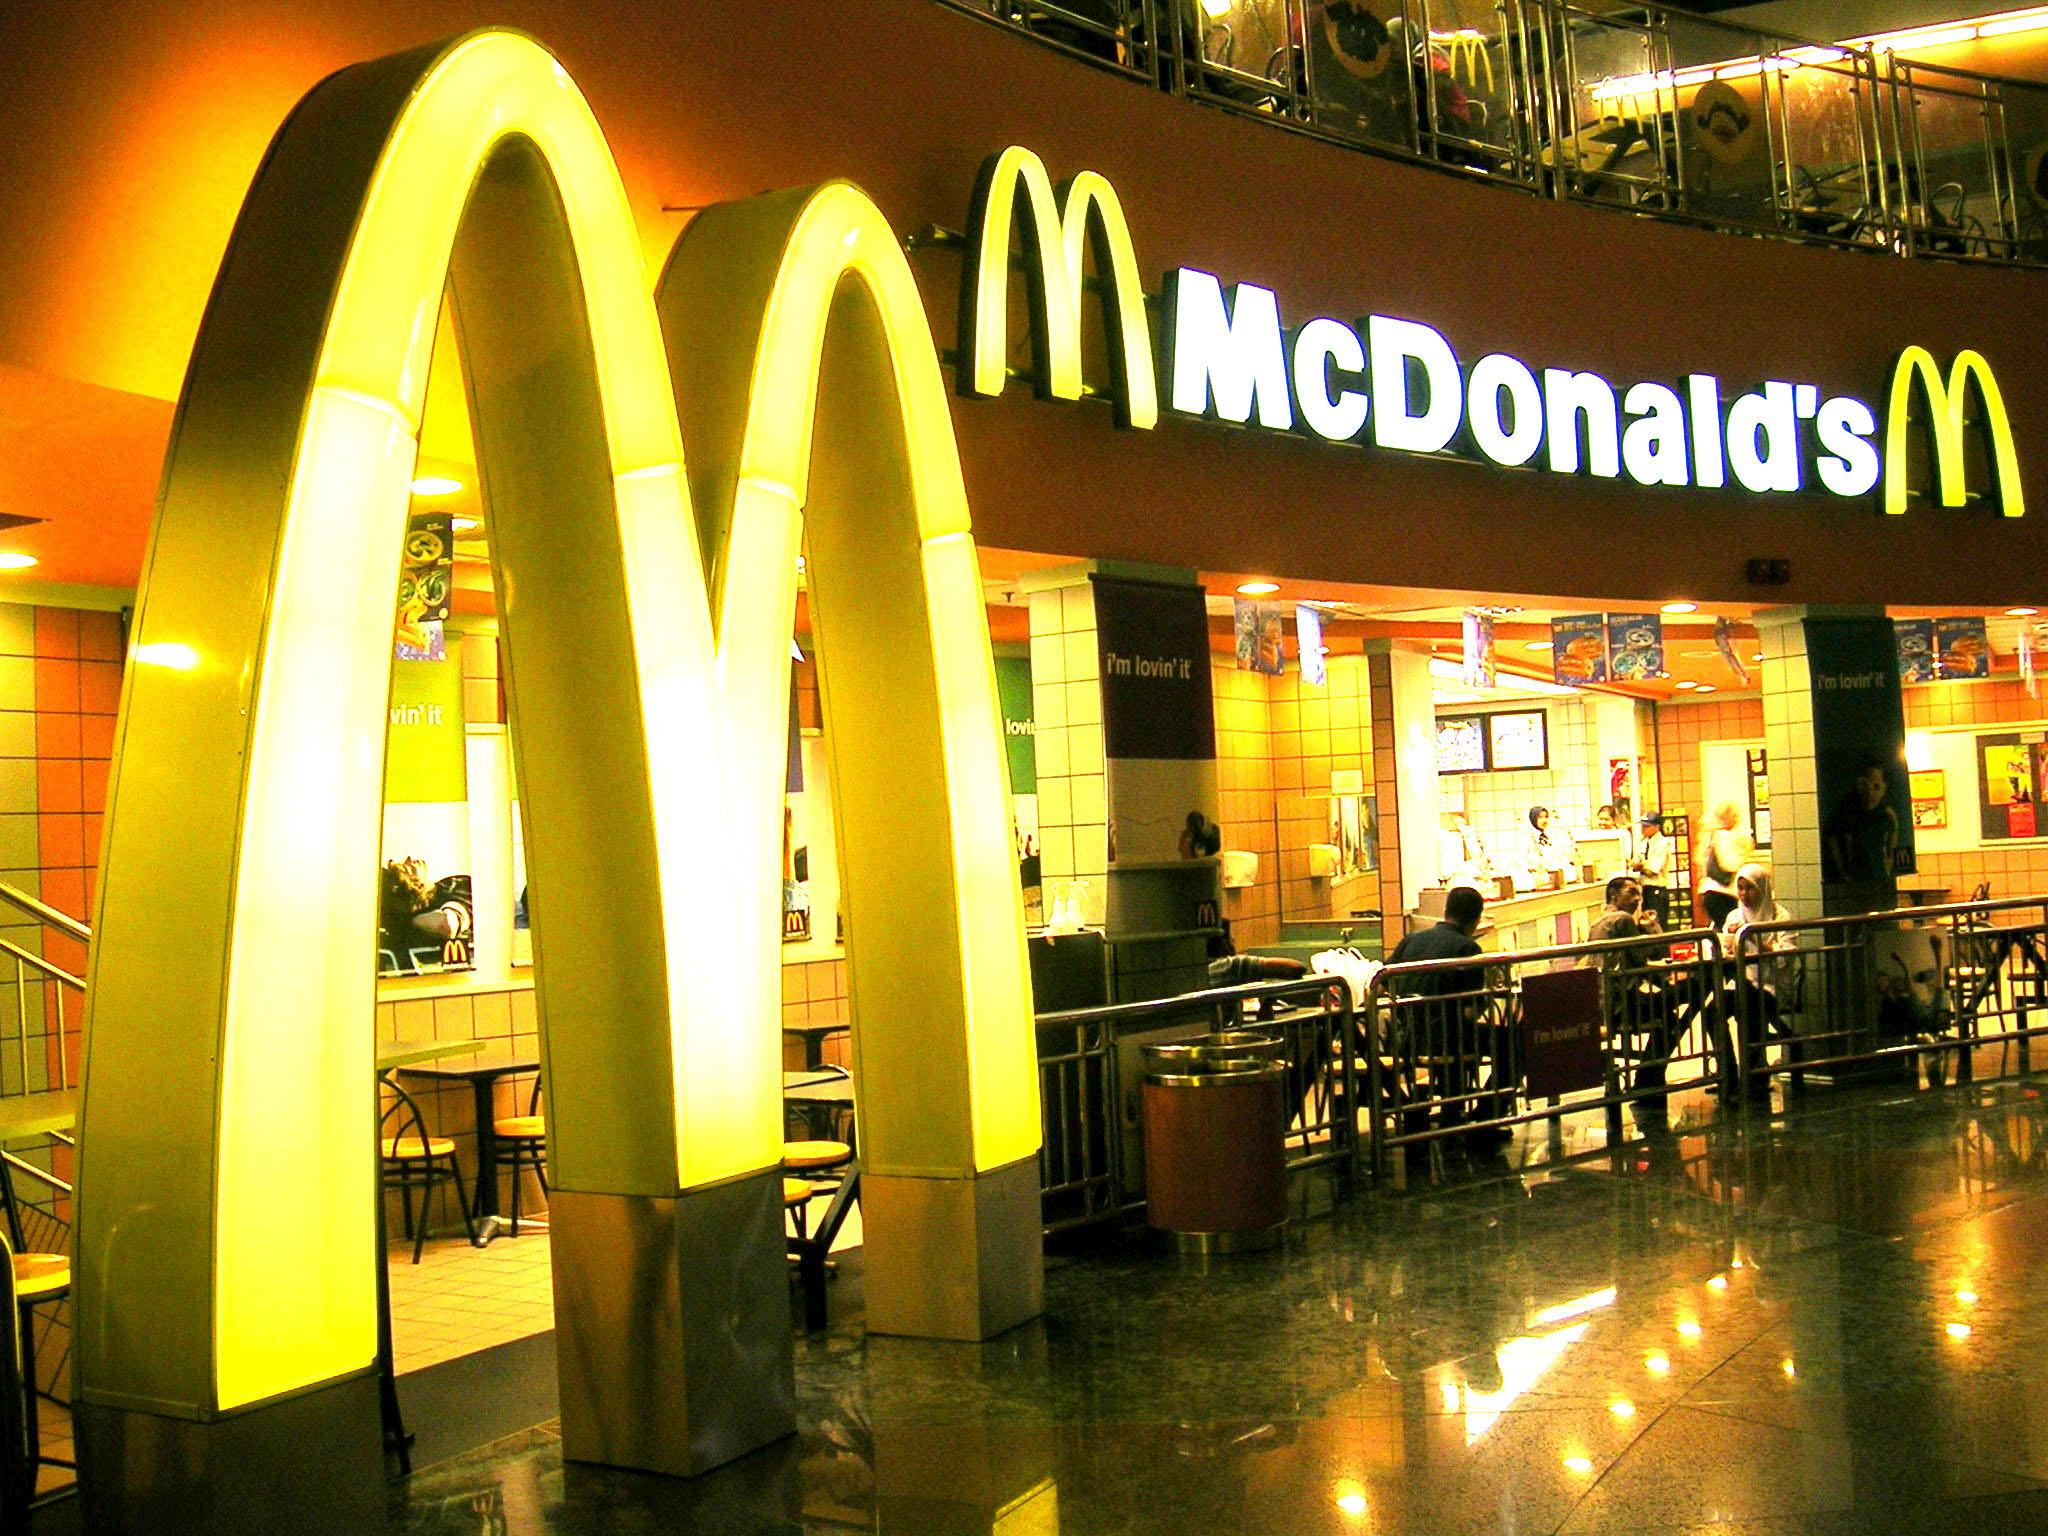 Τα McDonald's προσπαθούν τα γίνουν τα νέα Starbucks